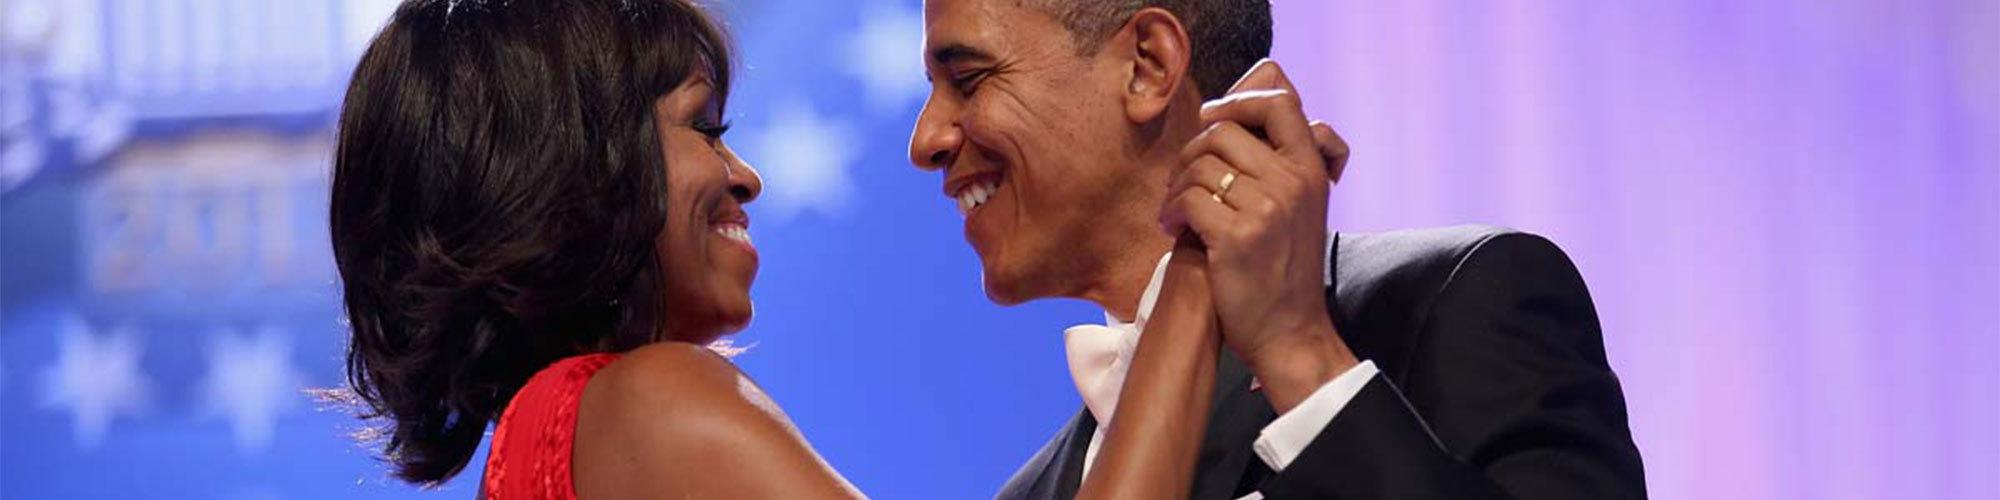 Obama header